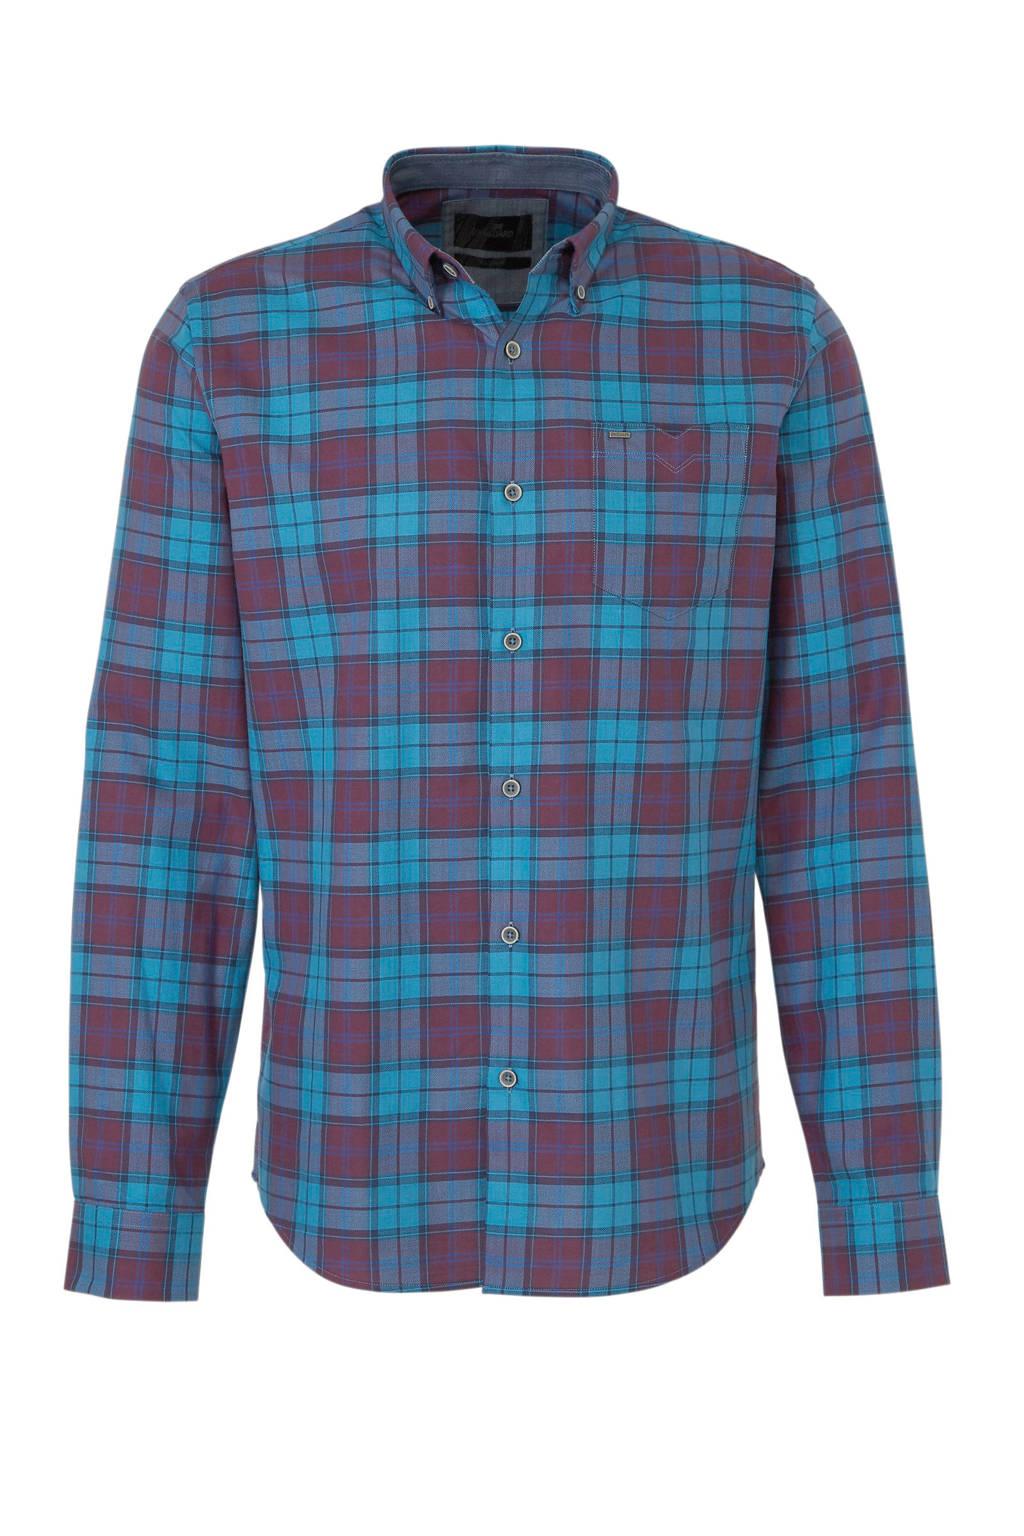 Vanguard overhemd met ruitprint, Blauw